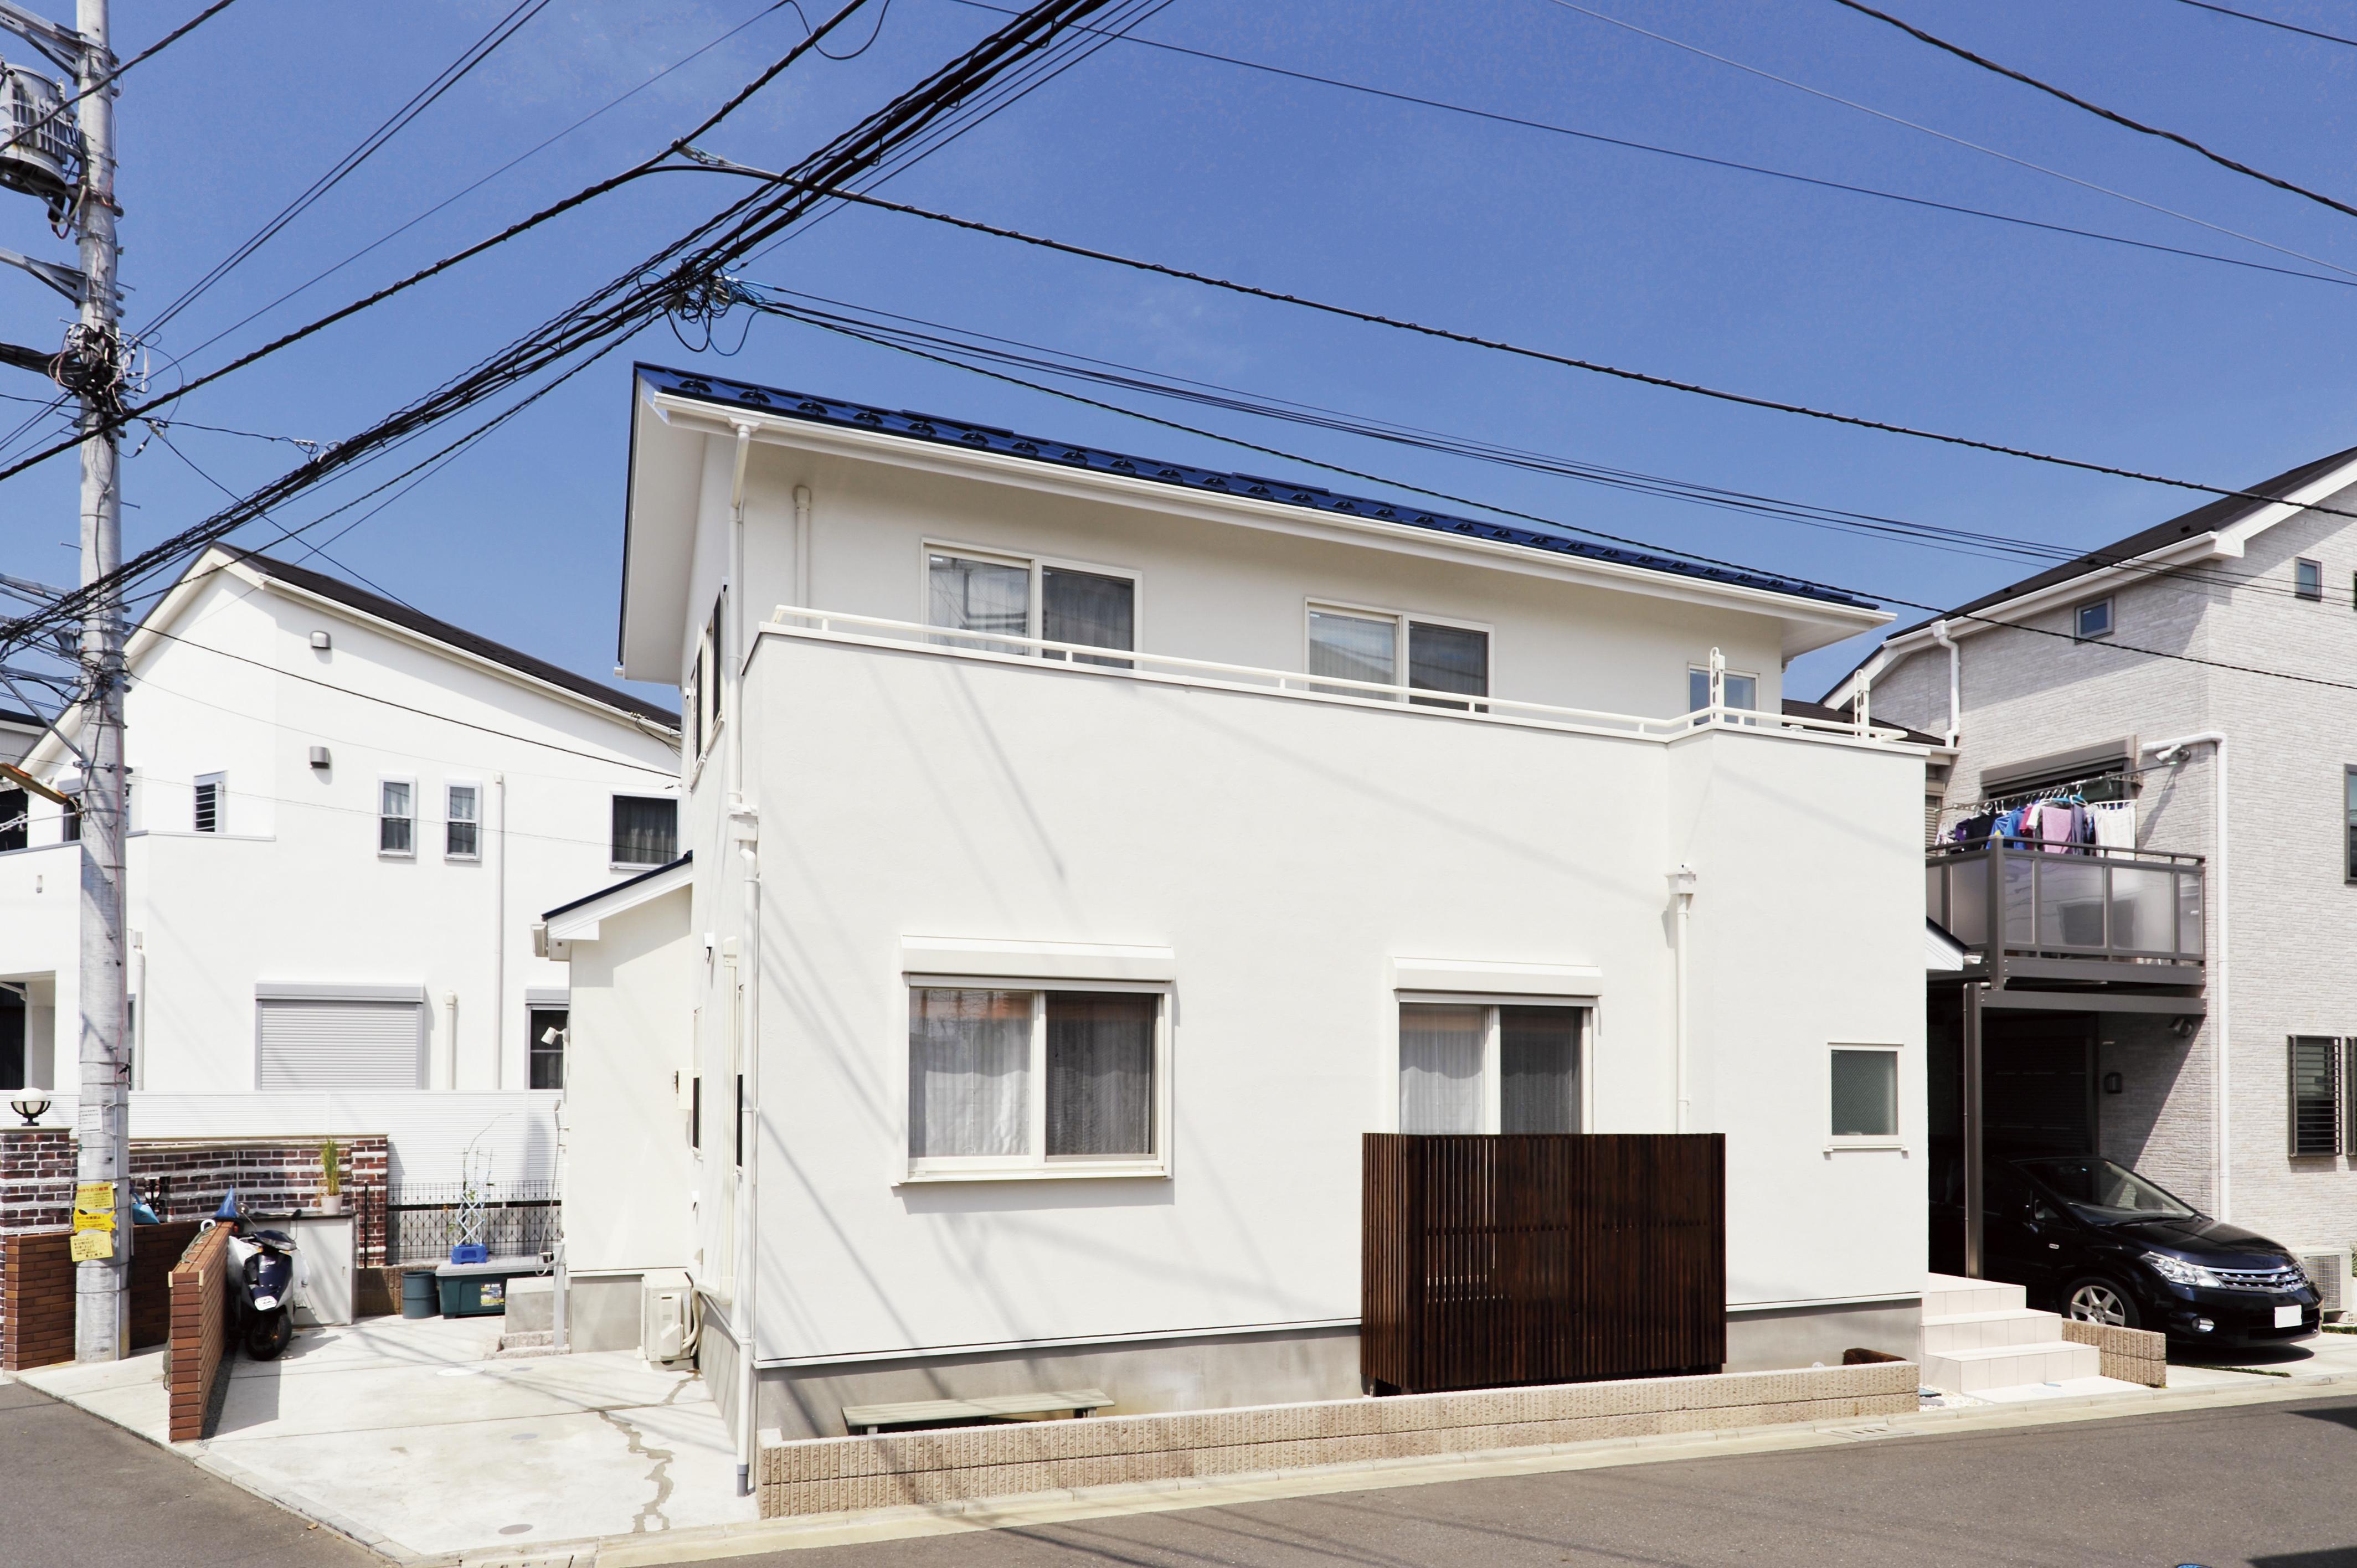 湘南のサーファーが家を建てる〜茅ヶ崎市の湿気対策済みの自然素材の家